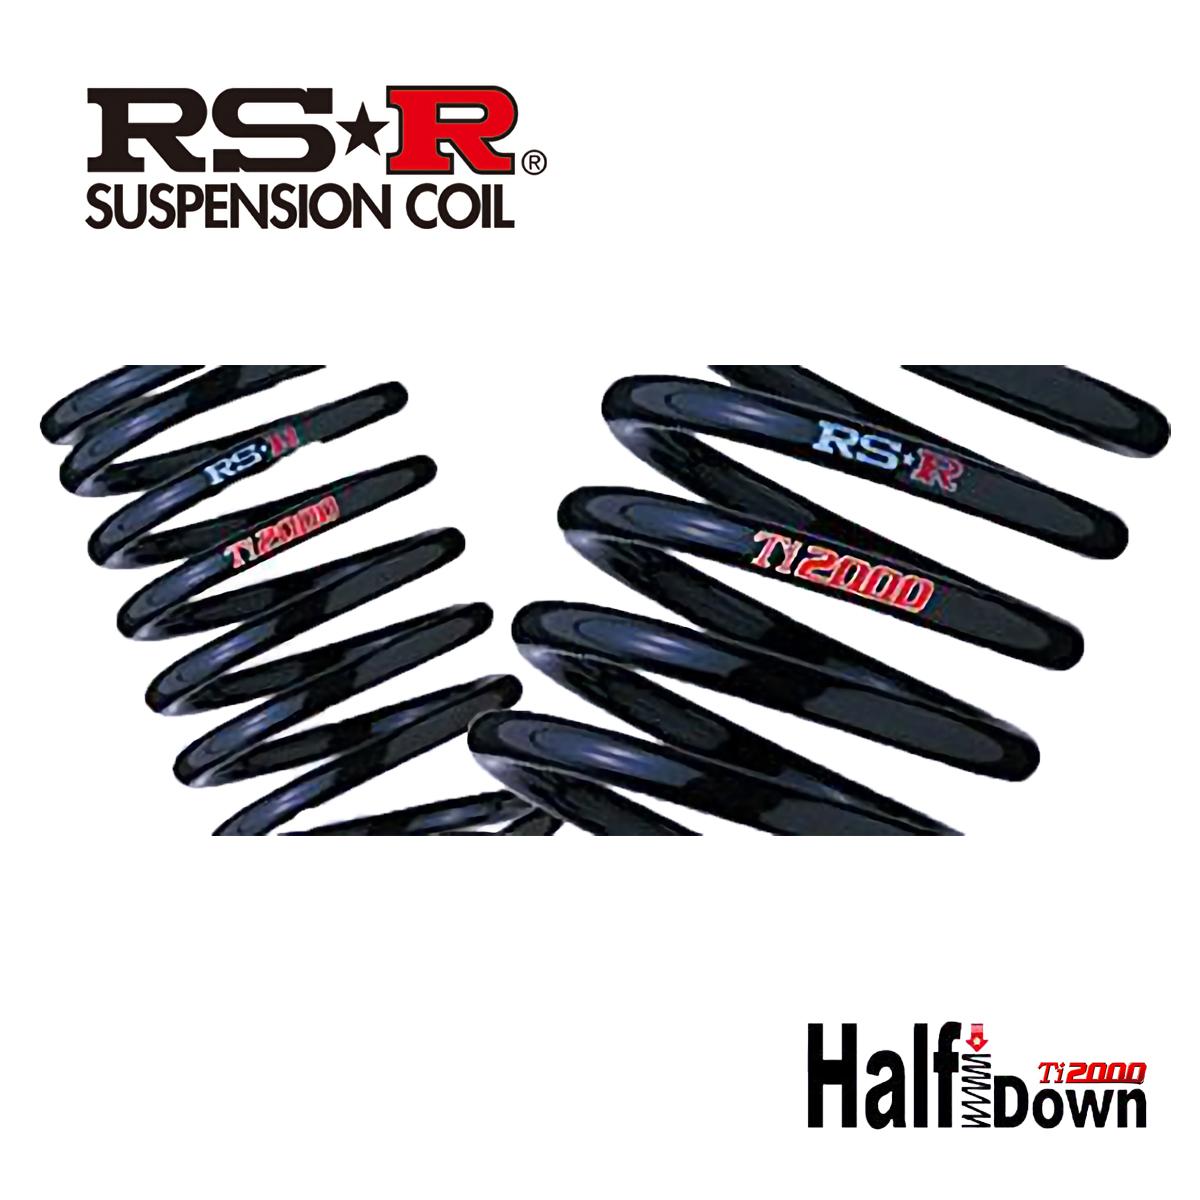 RS-R ムーヴ カスタムX/カスタムRSハイパーSA LA150S ダウンサス スプリング フロントのみ D200THDF Ti2000 ハーフダウン RSR 個人宅発送追金有